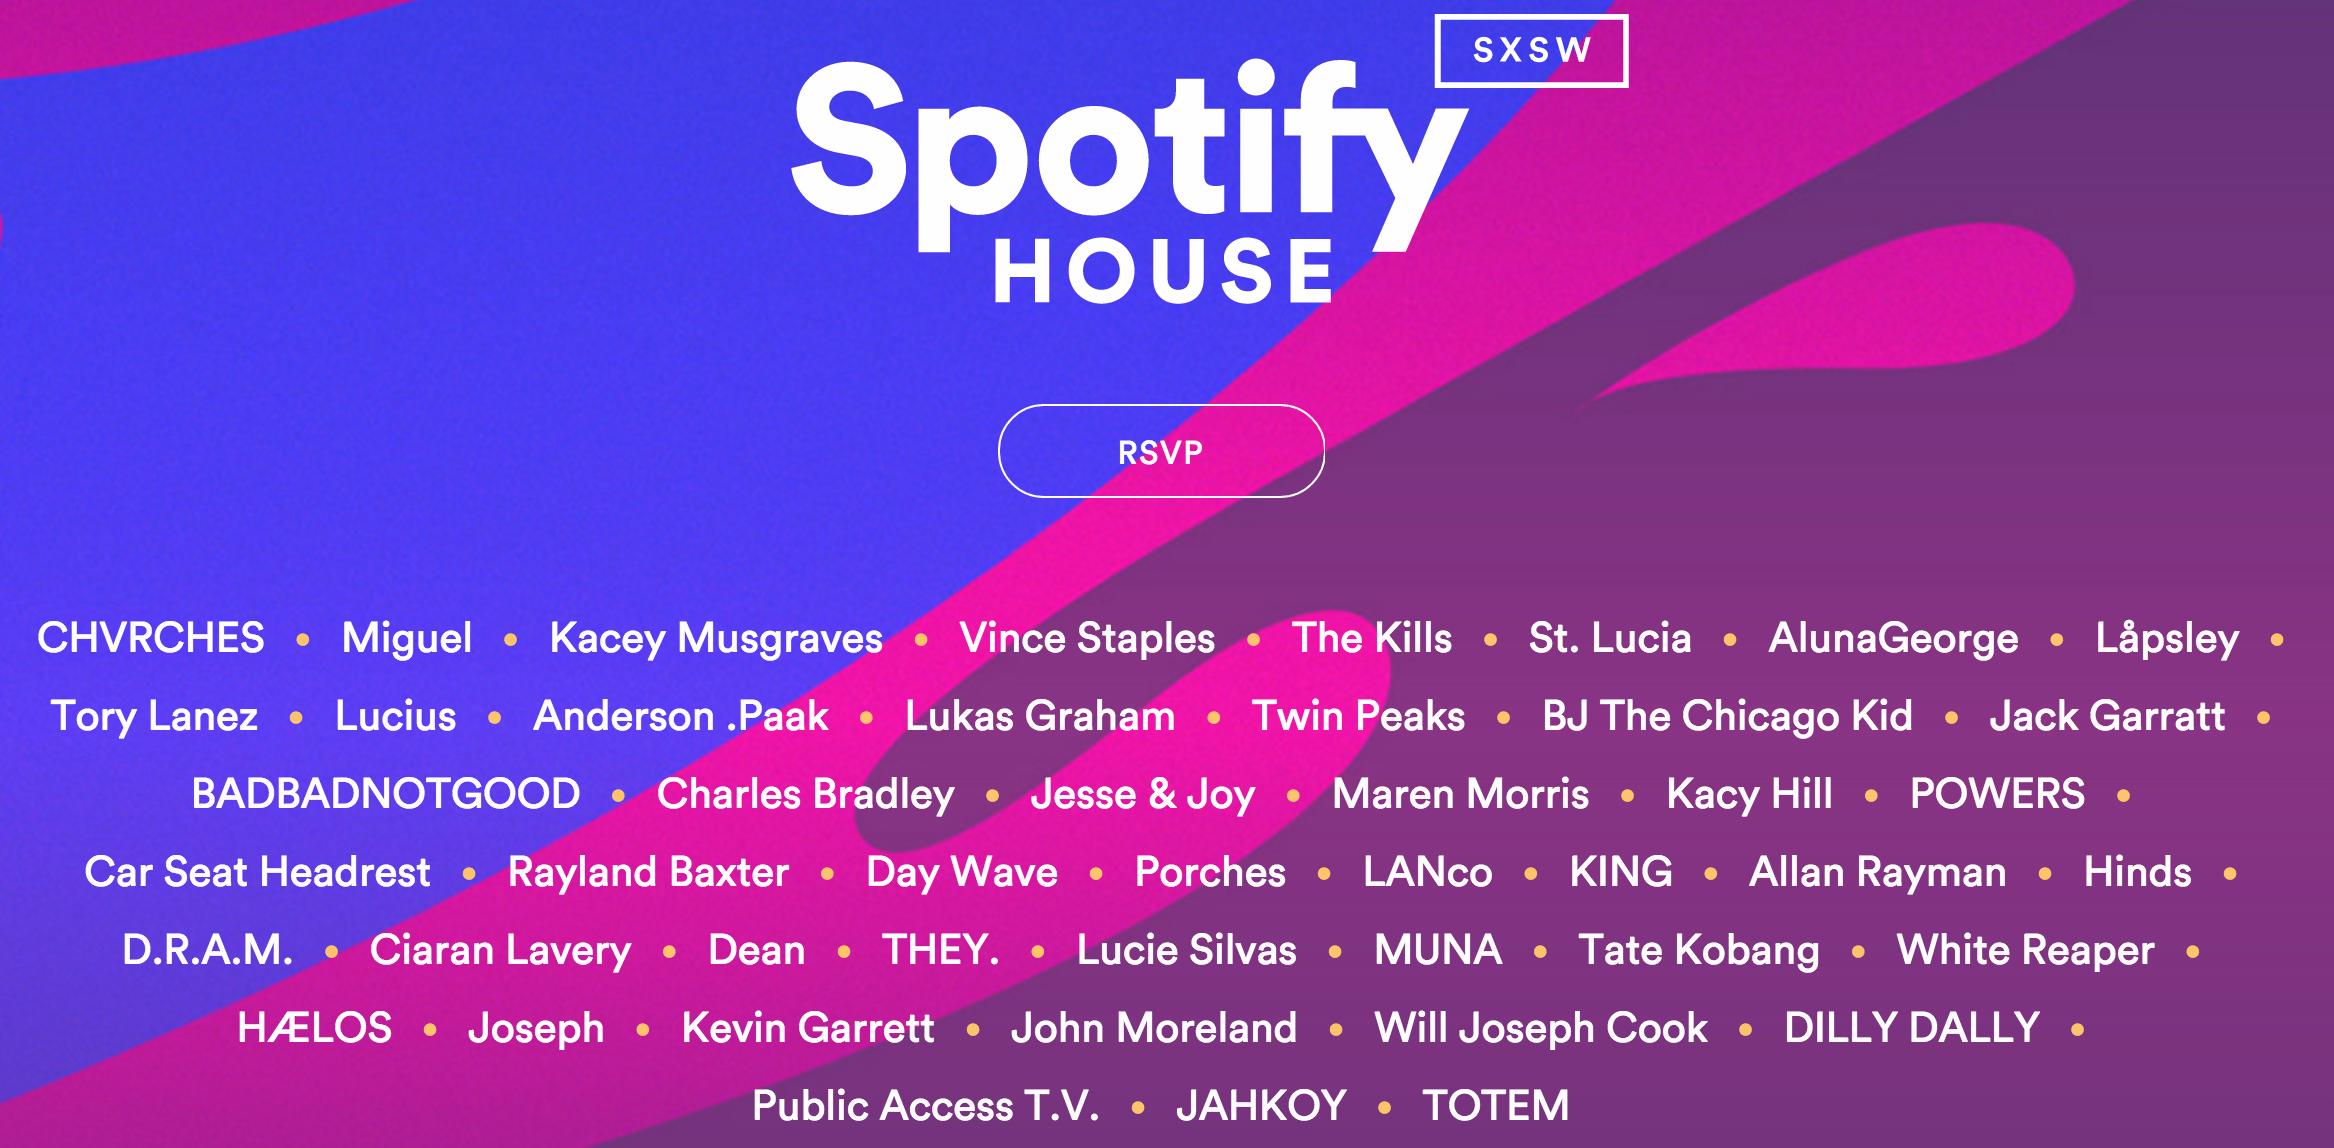 Spotify House SXSW 2016